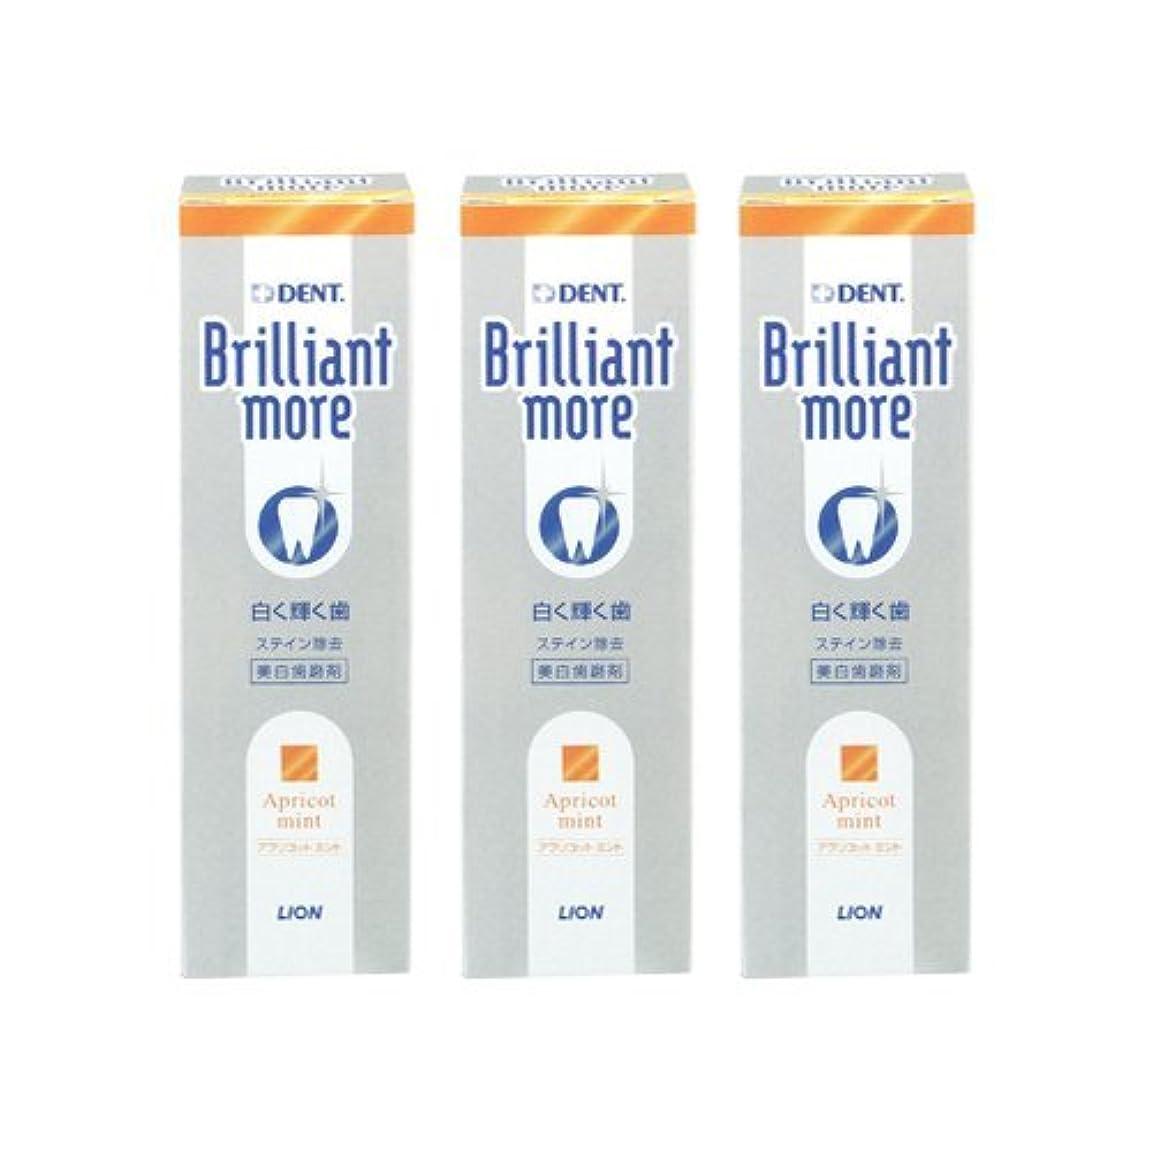 アカウント櫛パーセントライオン ブリリアントモア アプリコットミント 3本セット 美白歯磨剤 LION Brilliant more